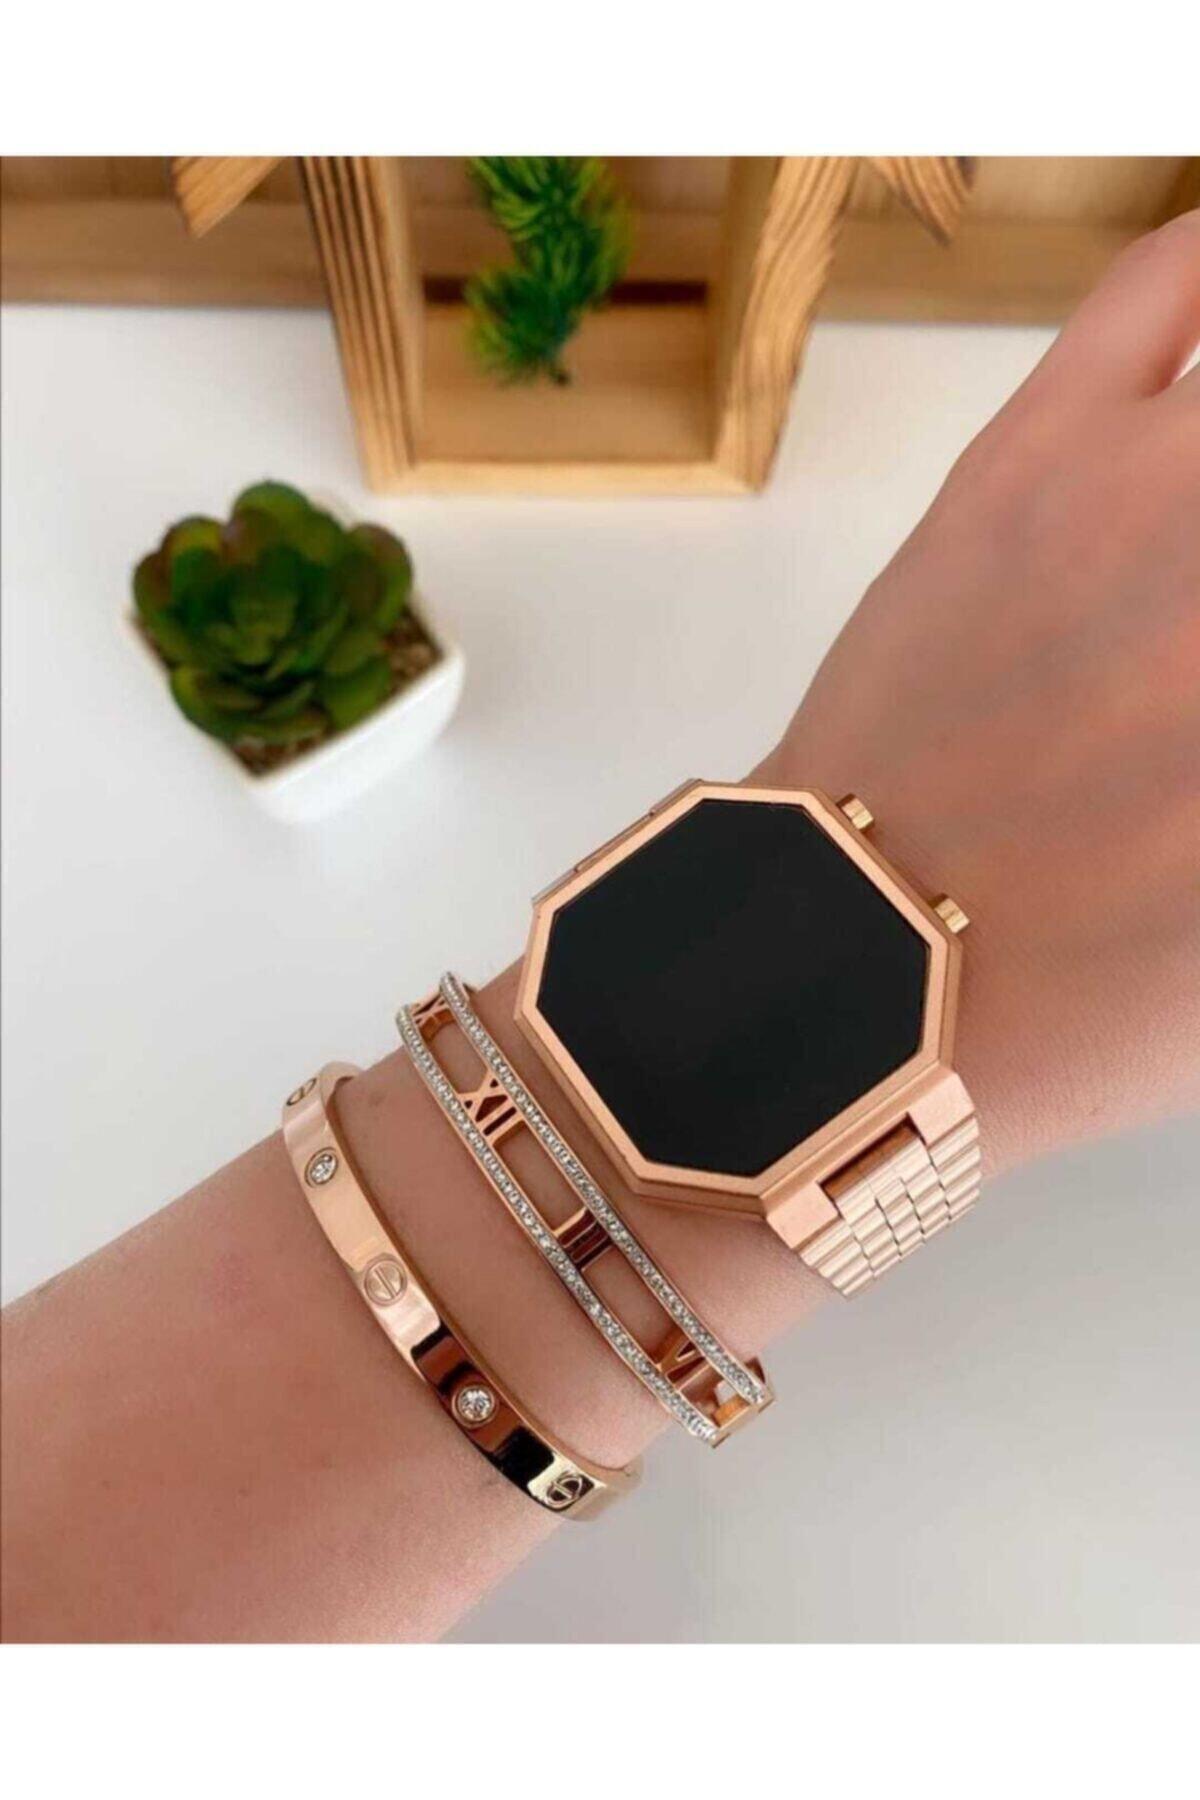 Yeni Model Rose Gold Renk Led Watch Dijital Çelik Kasa Unisex Kol Saati